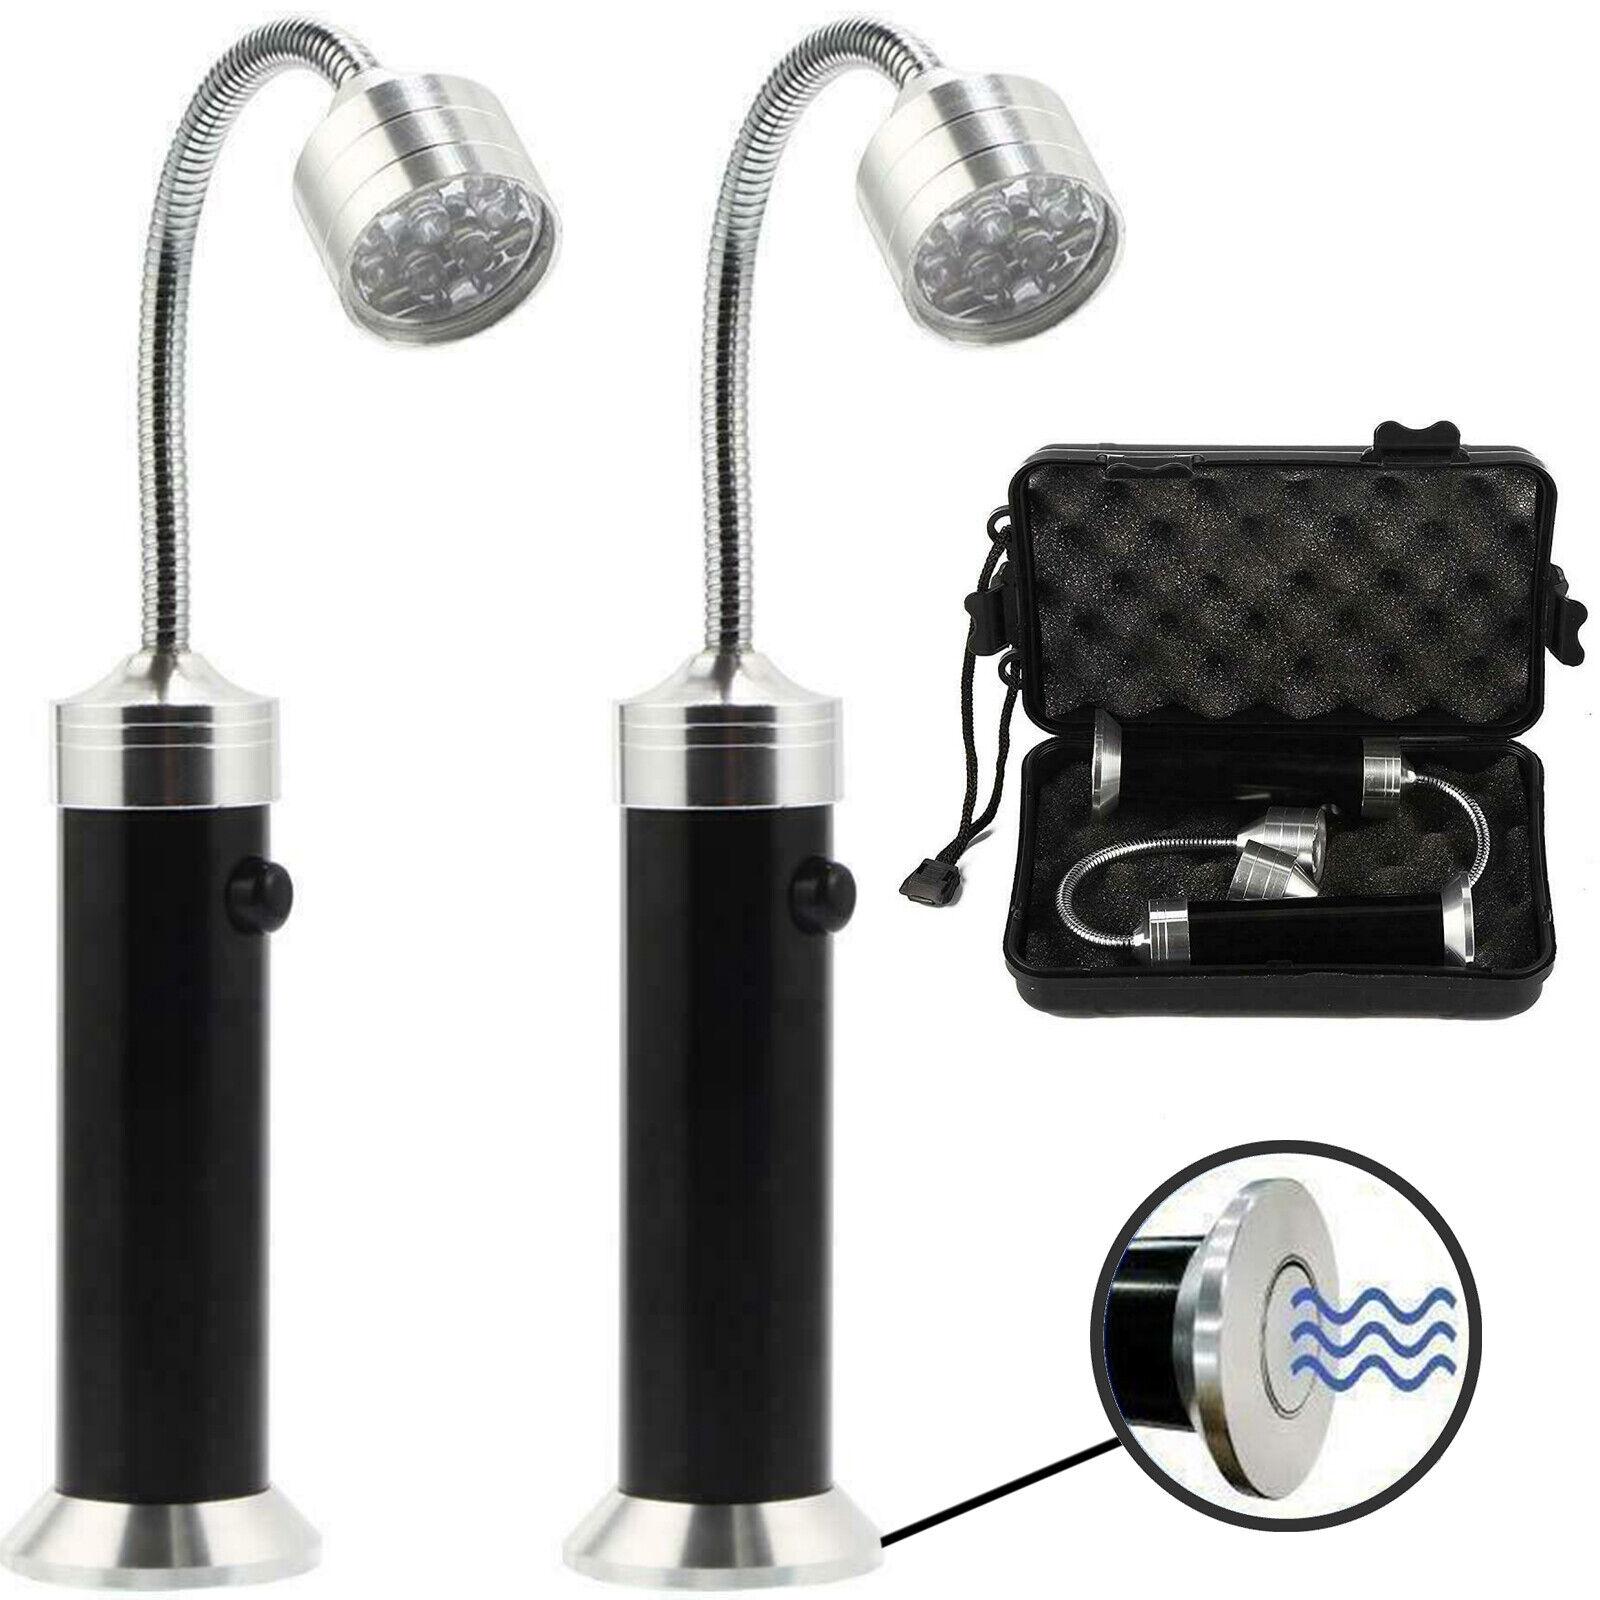 HOCHWERTIGE LED Grilllampe Grilllicht Grillleuchte Schwanenhals Magnet - 2 Stück